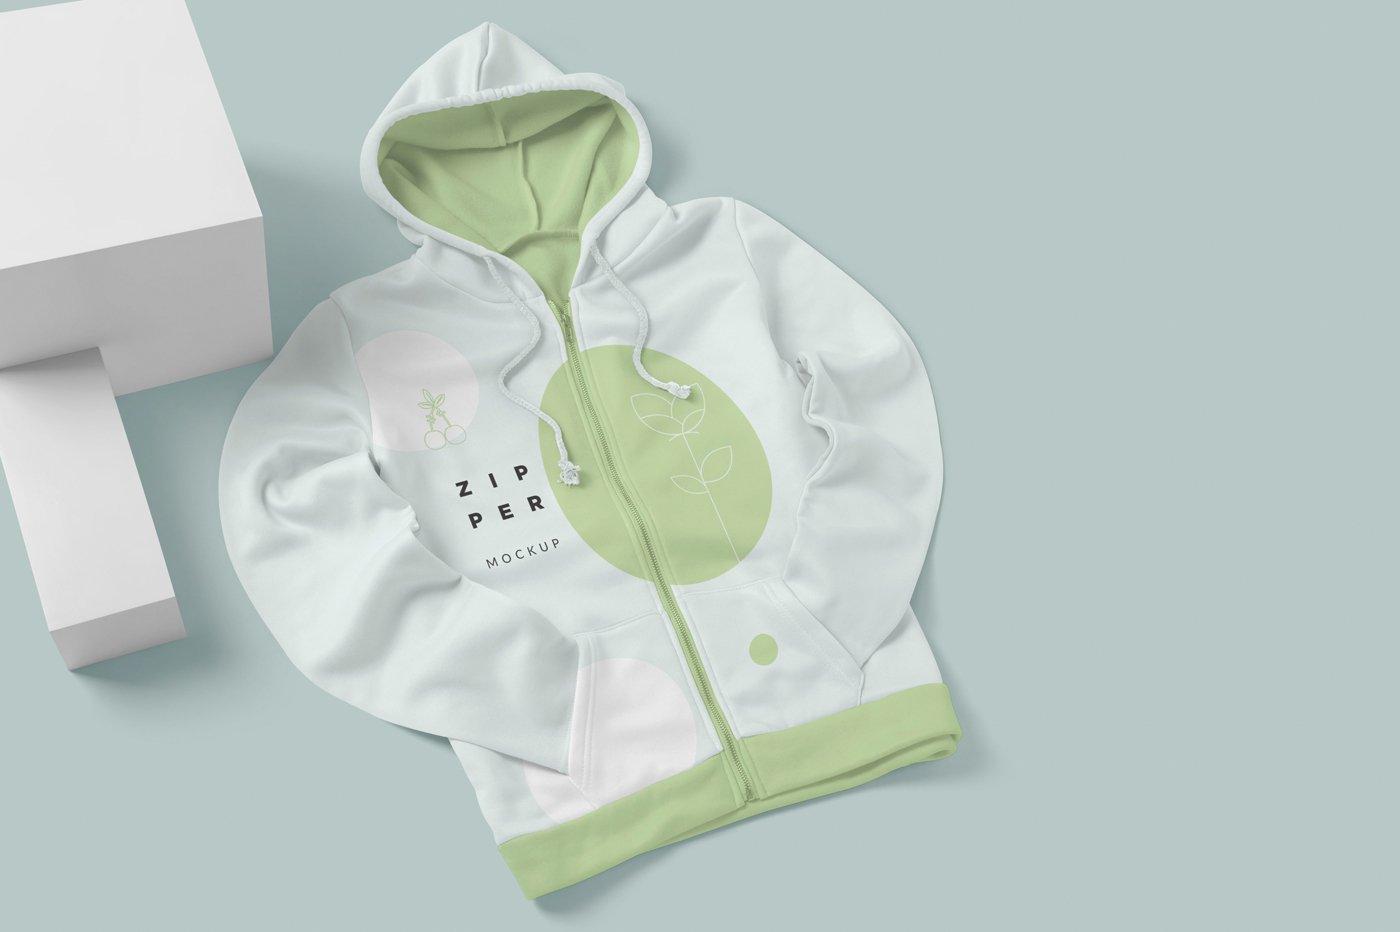 拉链连衣帽卫衣印花设计展示样机模板 Zipper Hoodie Mockup Templates插图